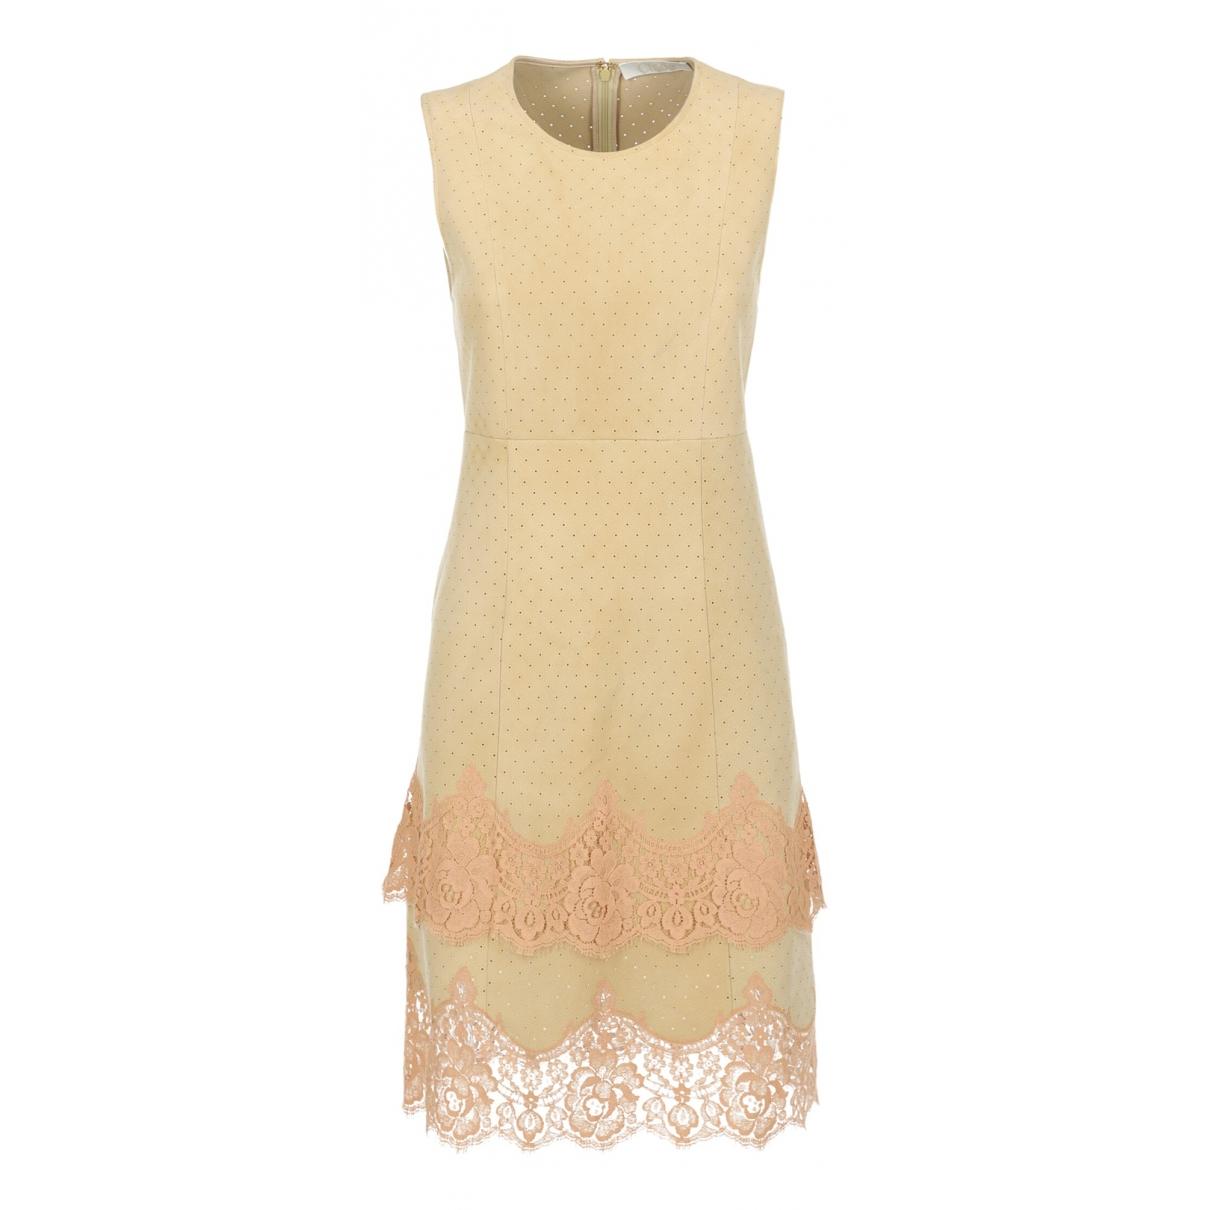 Chloe \N Kleid in  Beige Leder